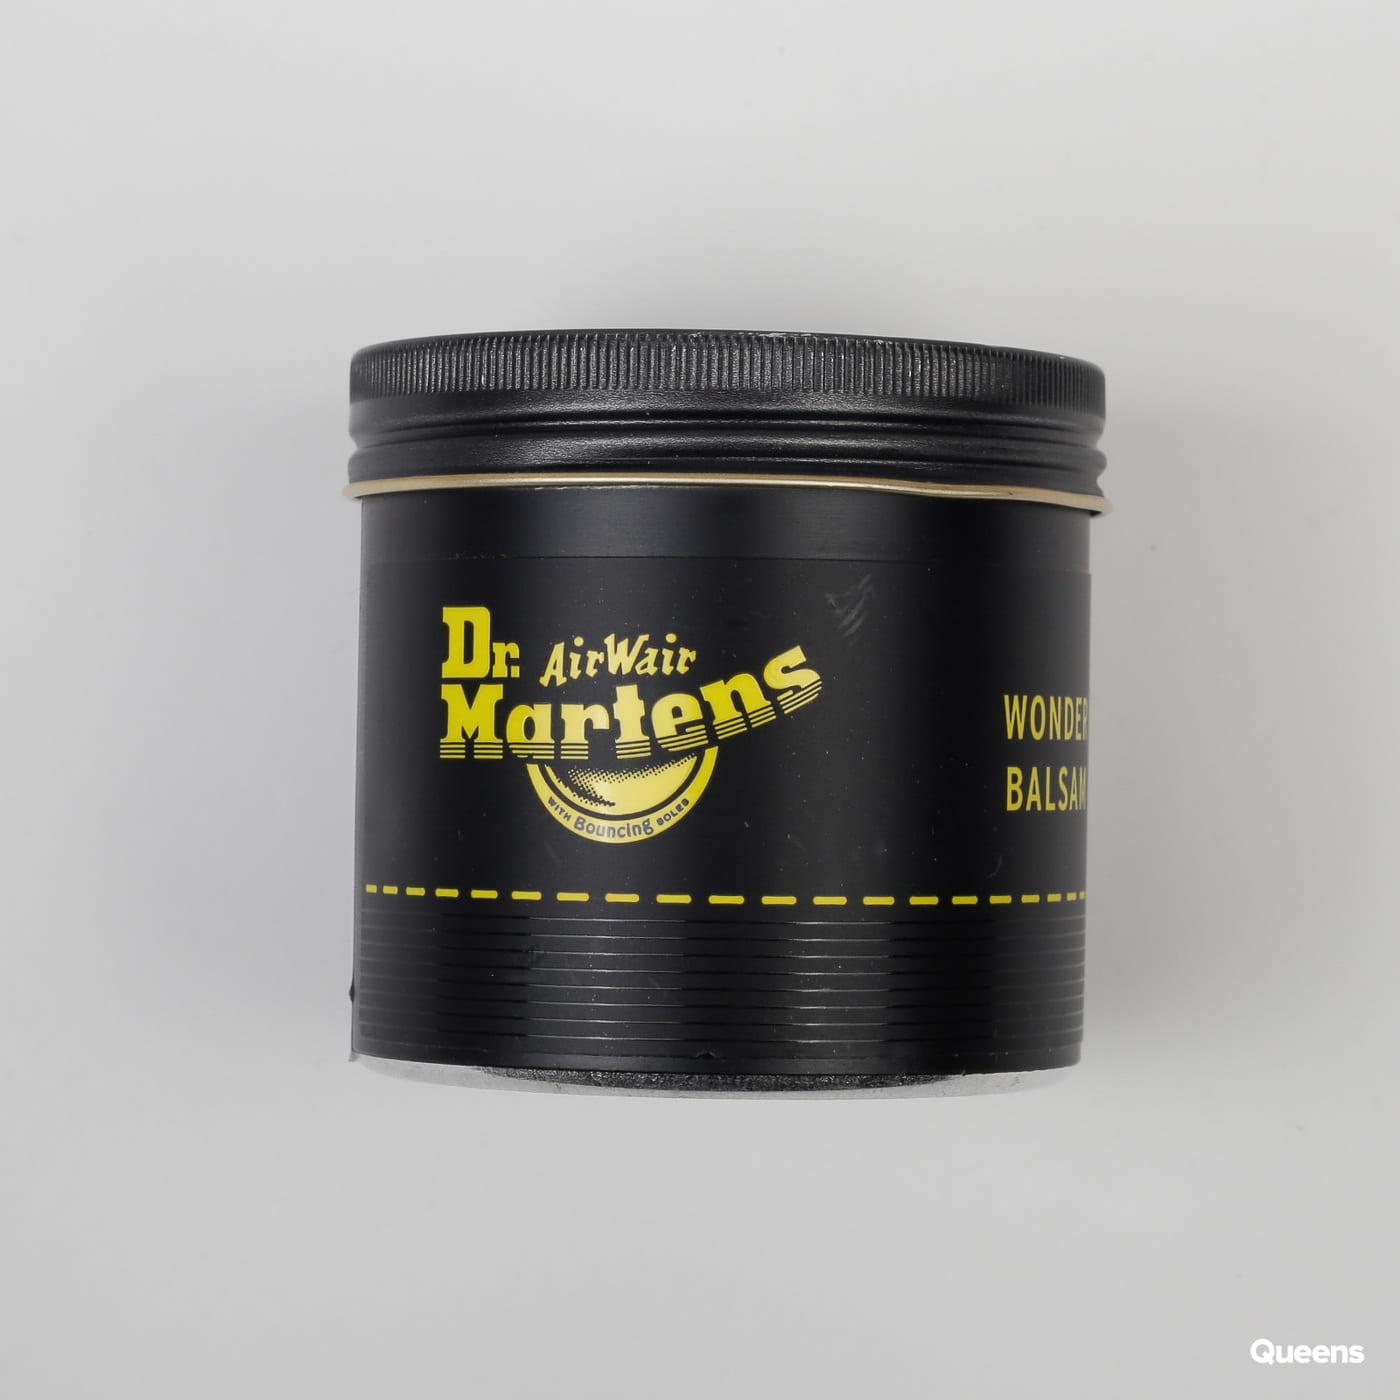 Dr. Martens Wonder Balsam